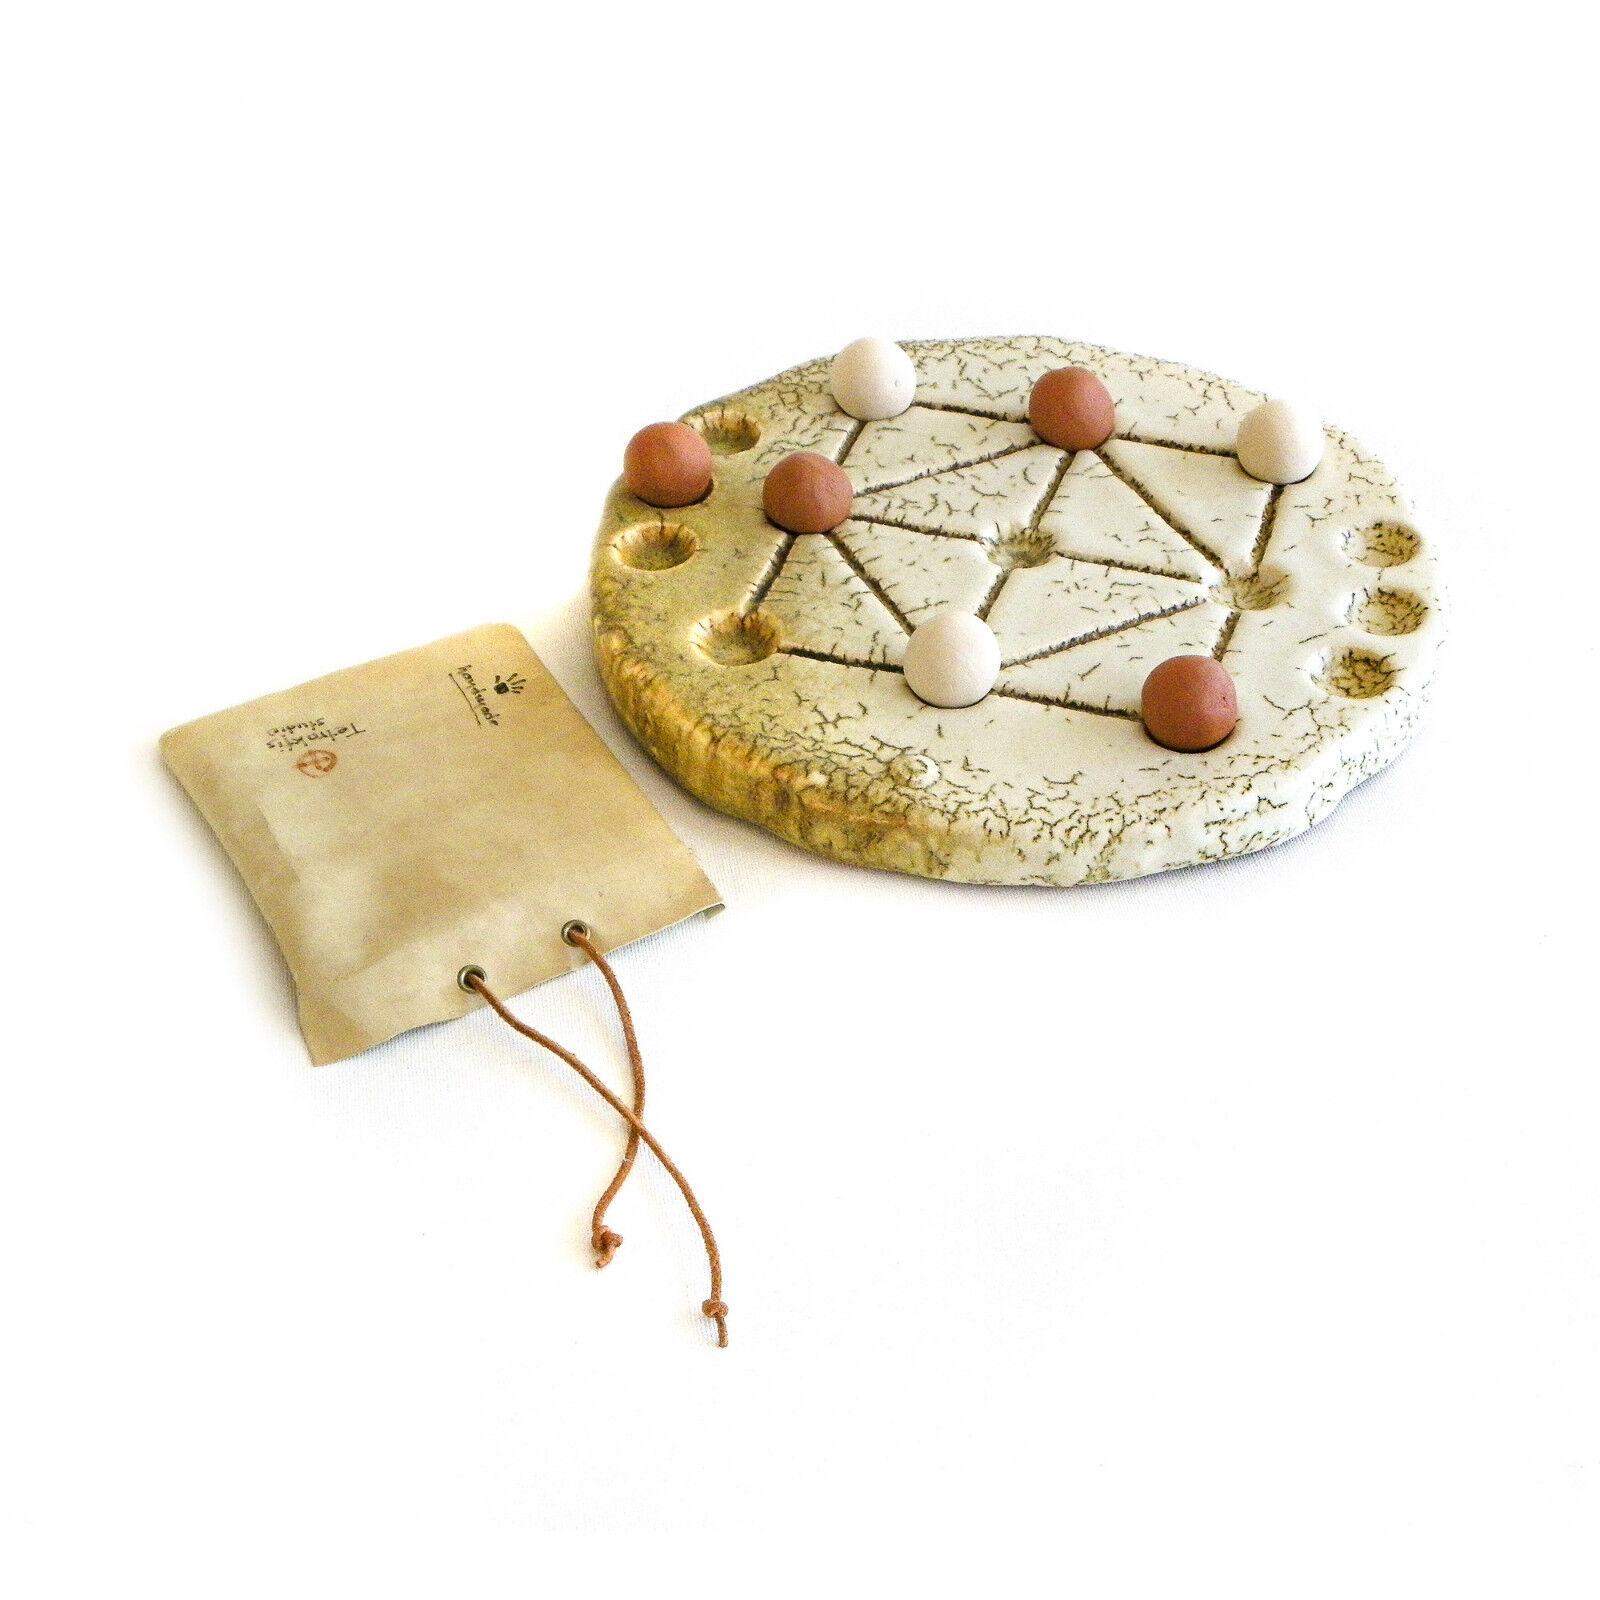 Tic Tac Toe Decorative Board Game - Handmade Ceramic Replica Set 10  Größe